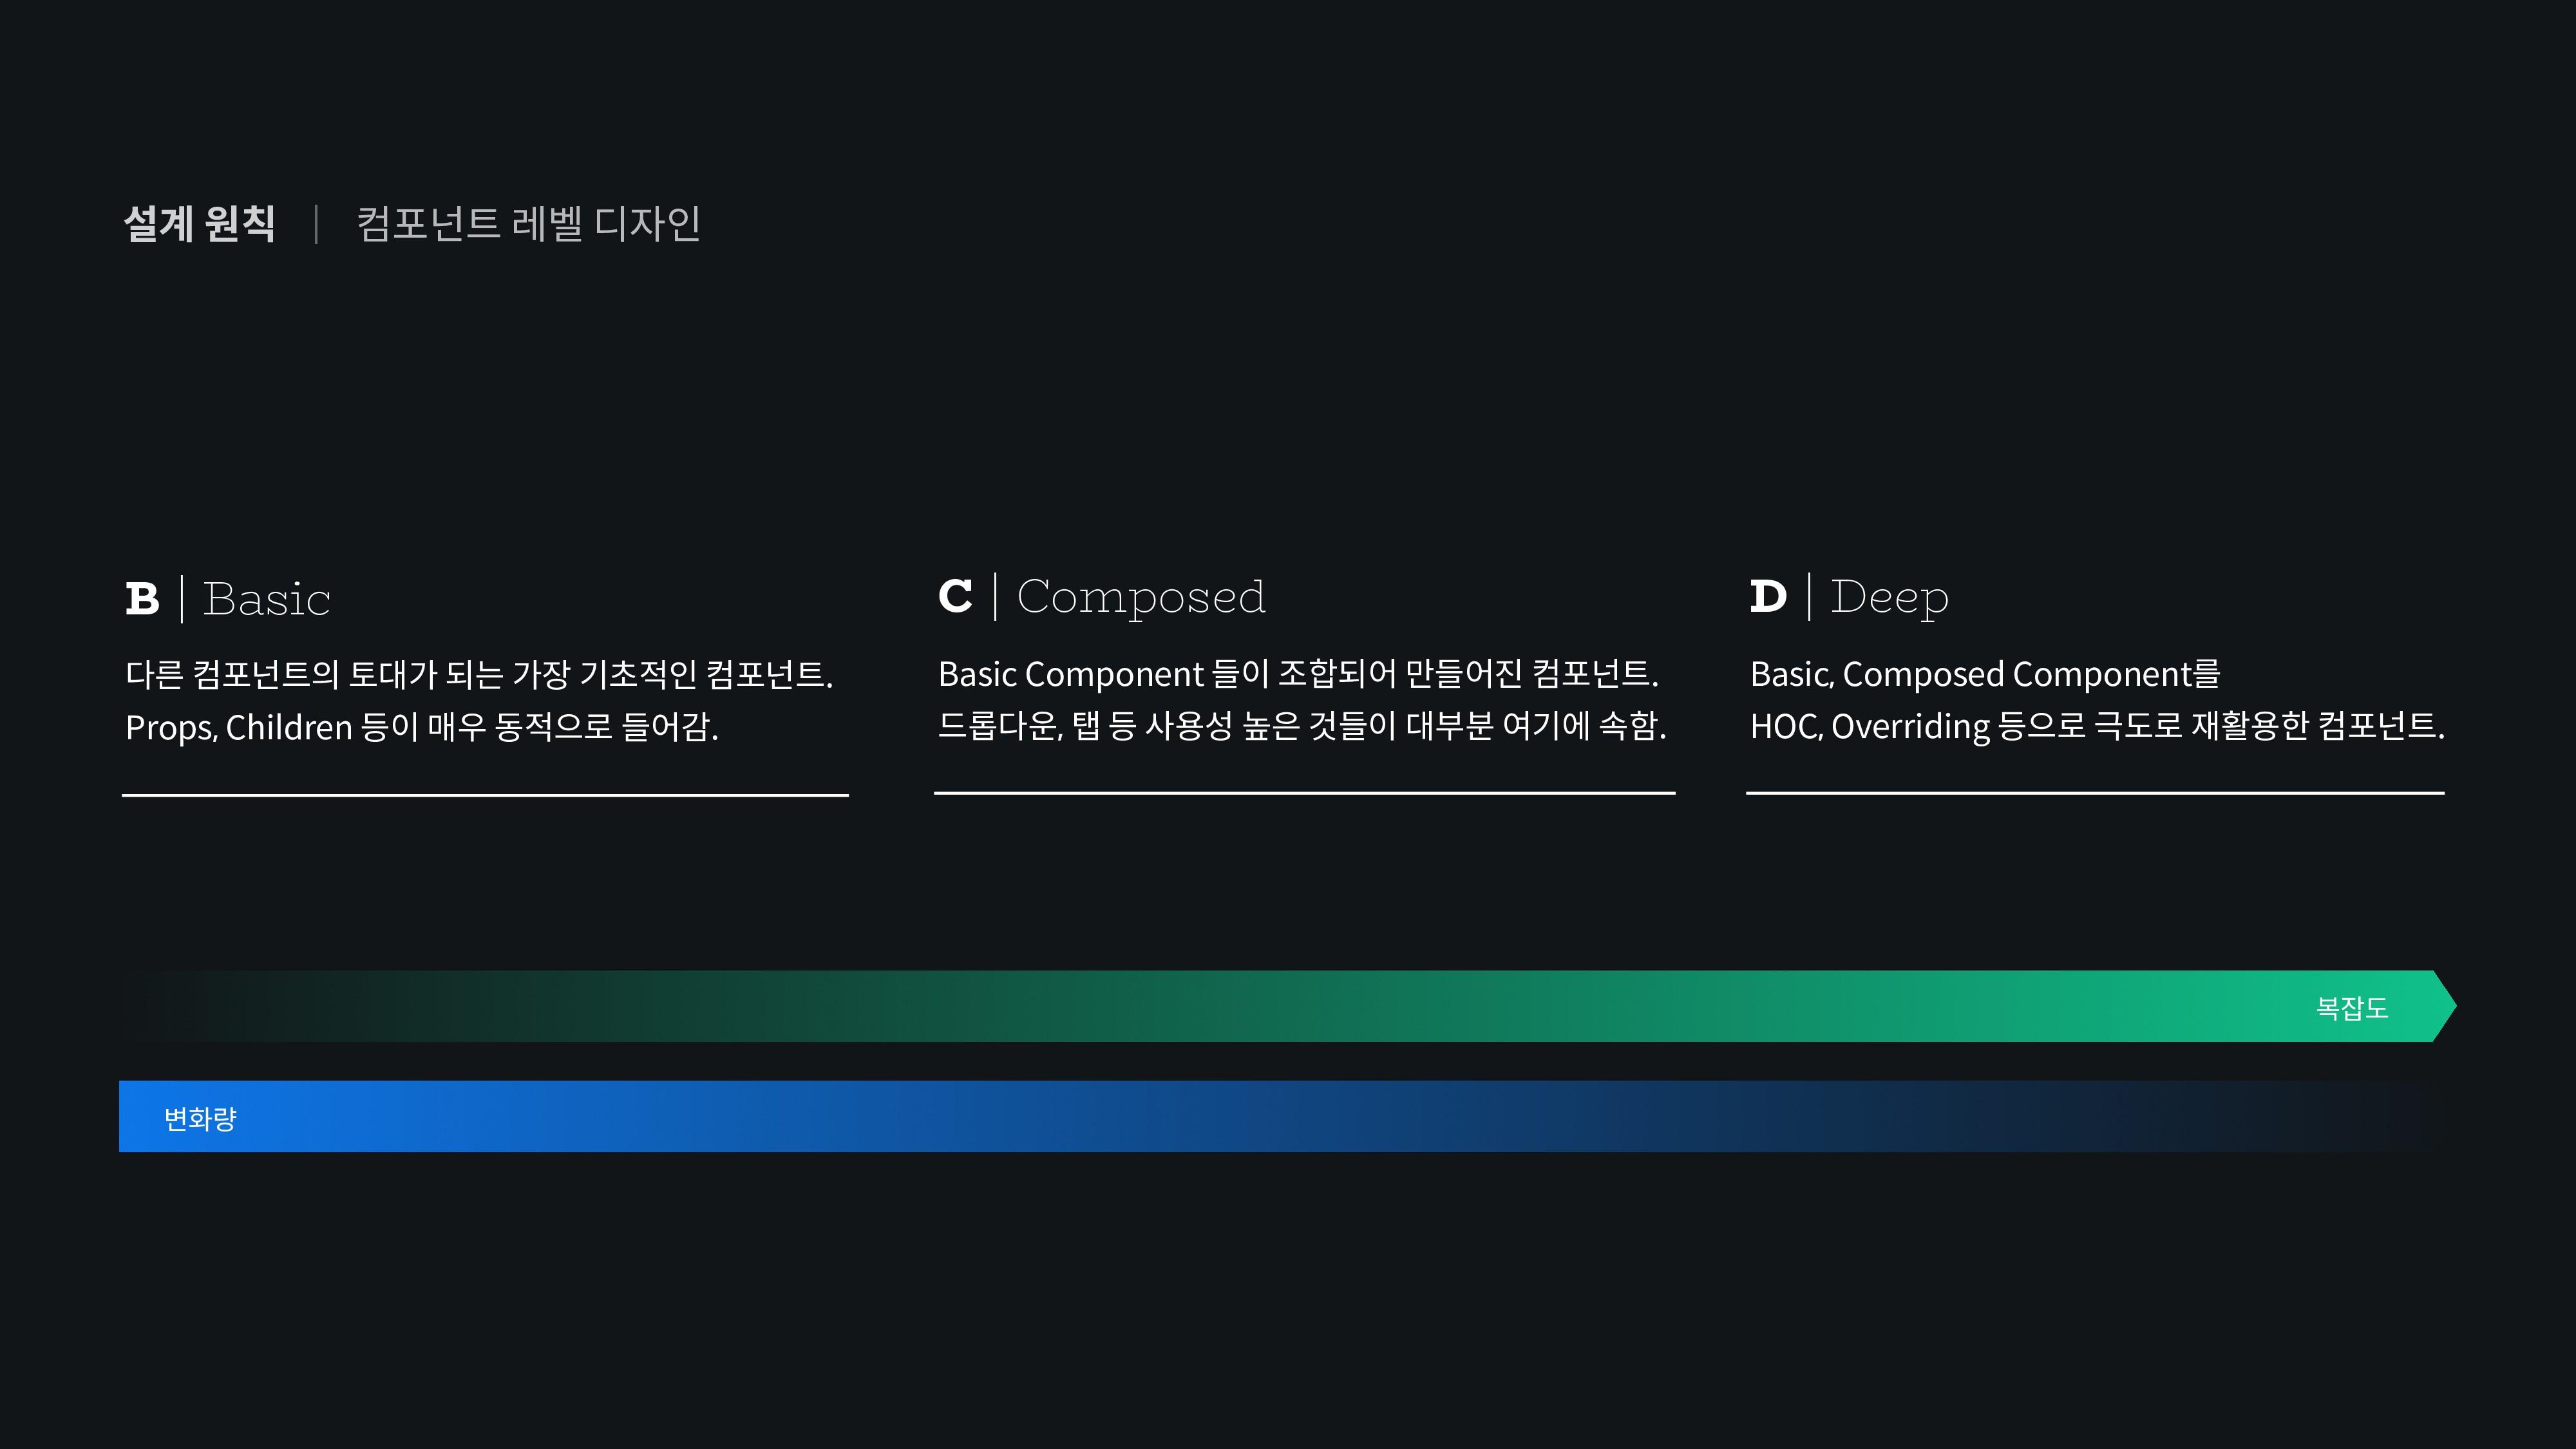 설계 원칙 컴포넌트 레벨 디자인   복잡도 변화량 B   Basic 다른 컴포넌트의 ...